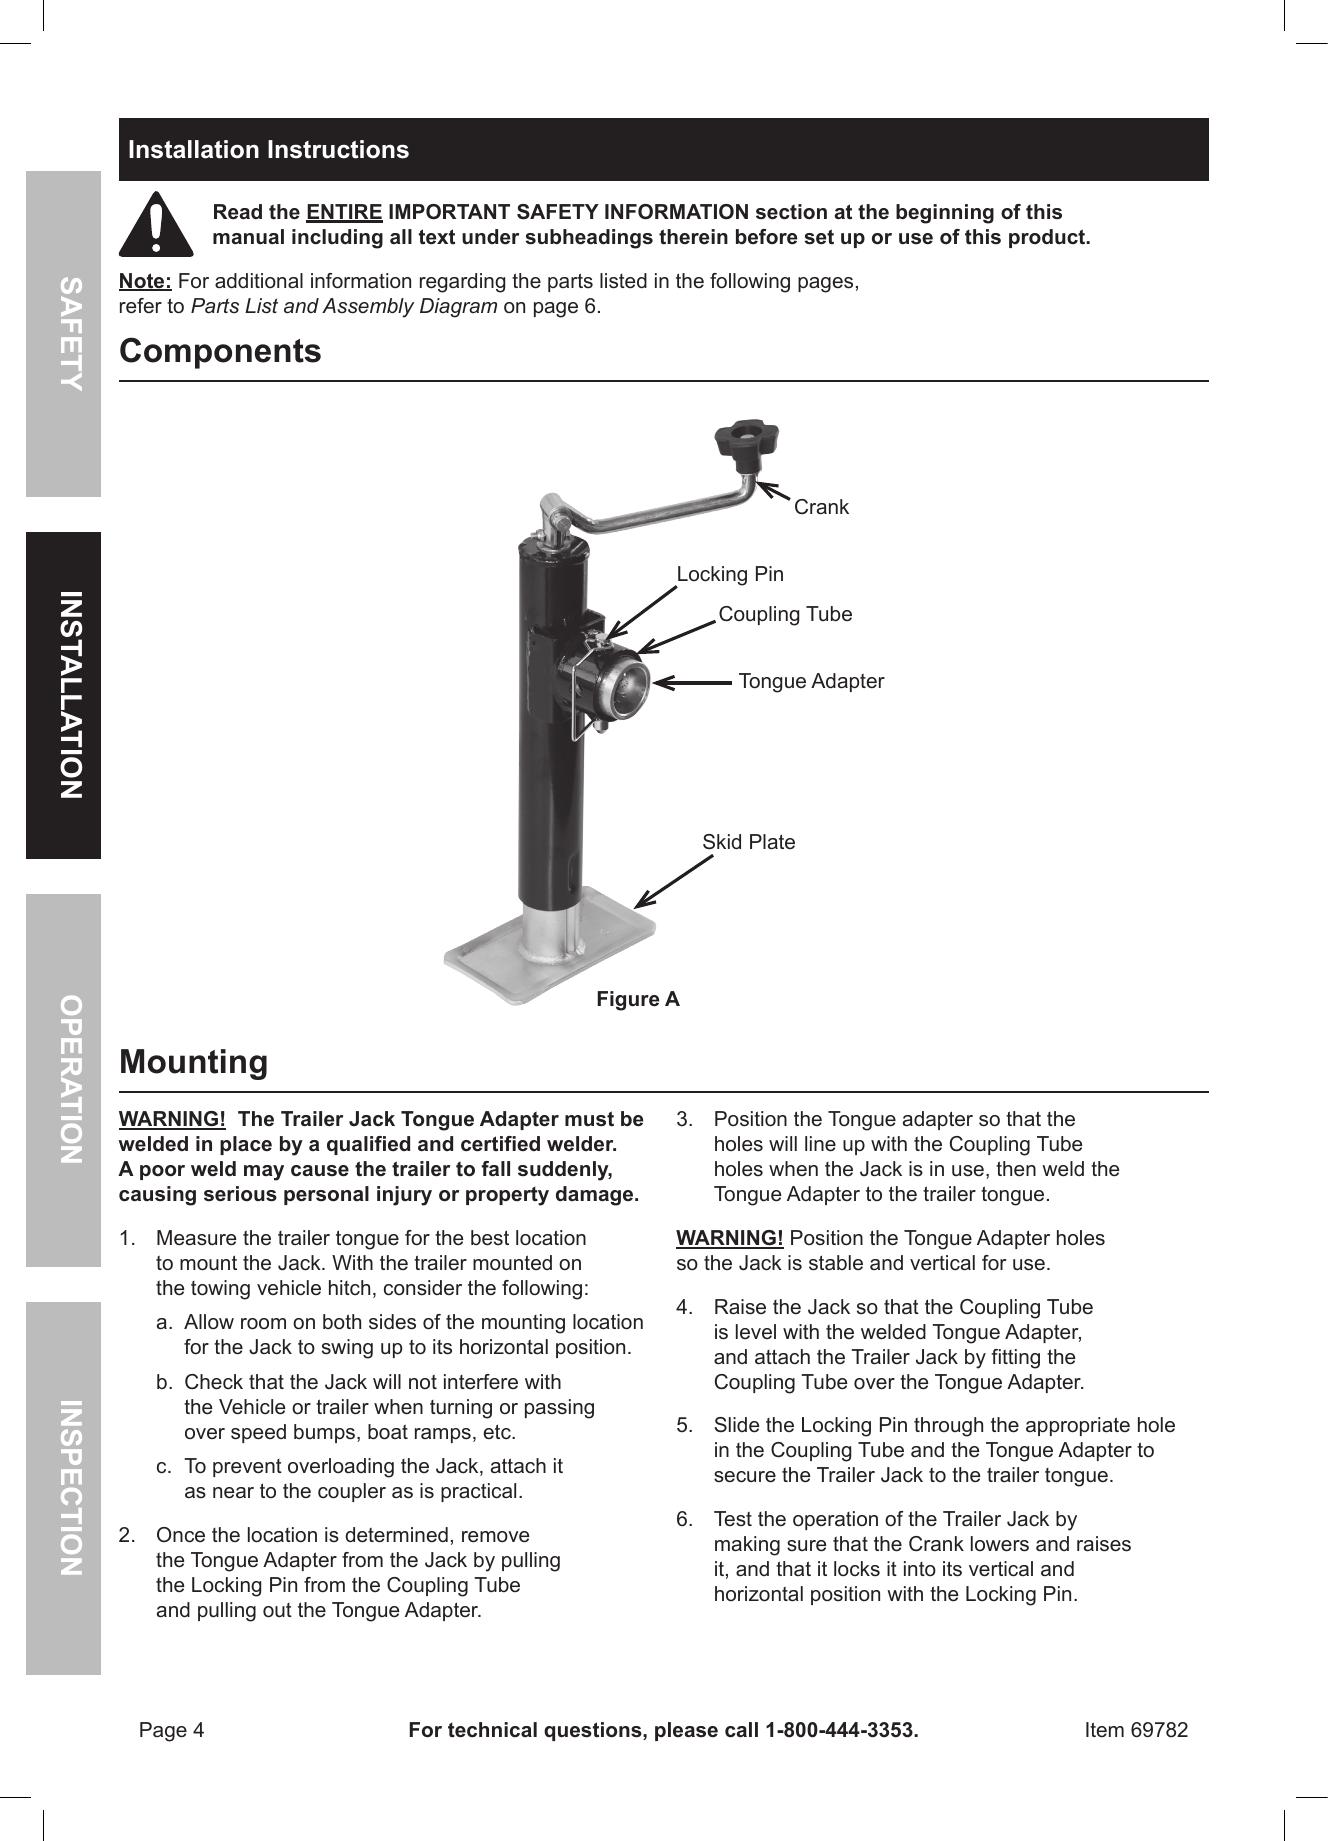 Curt 58140 Trailer Manual Guide